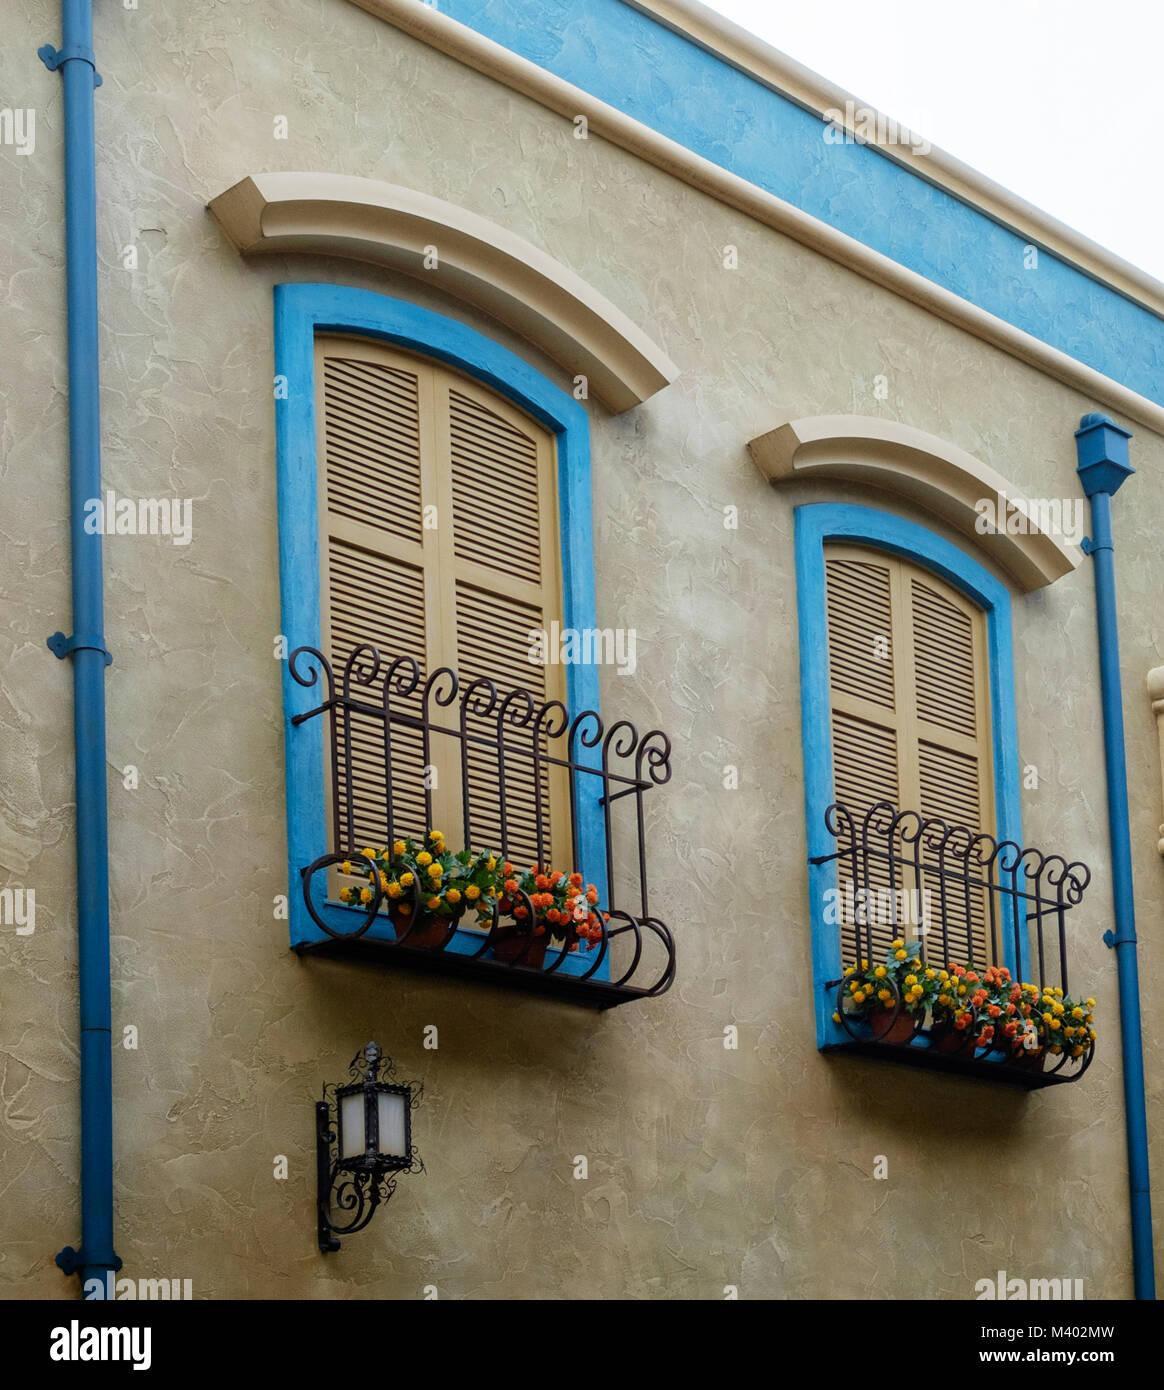 Zwei Fensterläden mit schmiedeeisernen Fenstern, helle Blumen & blauen Rahmen. Zwei blaue Abflussrohre. Retro Licht auf Gebäude unter einem Fenster. Stockfoto